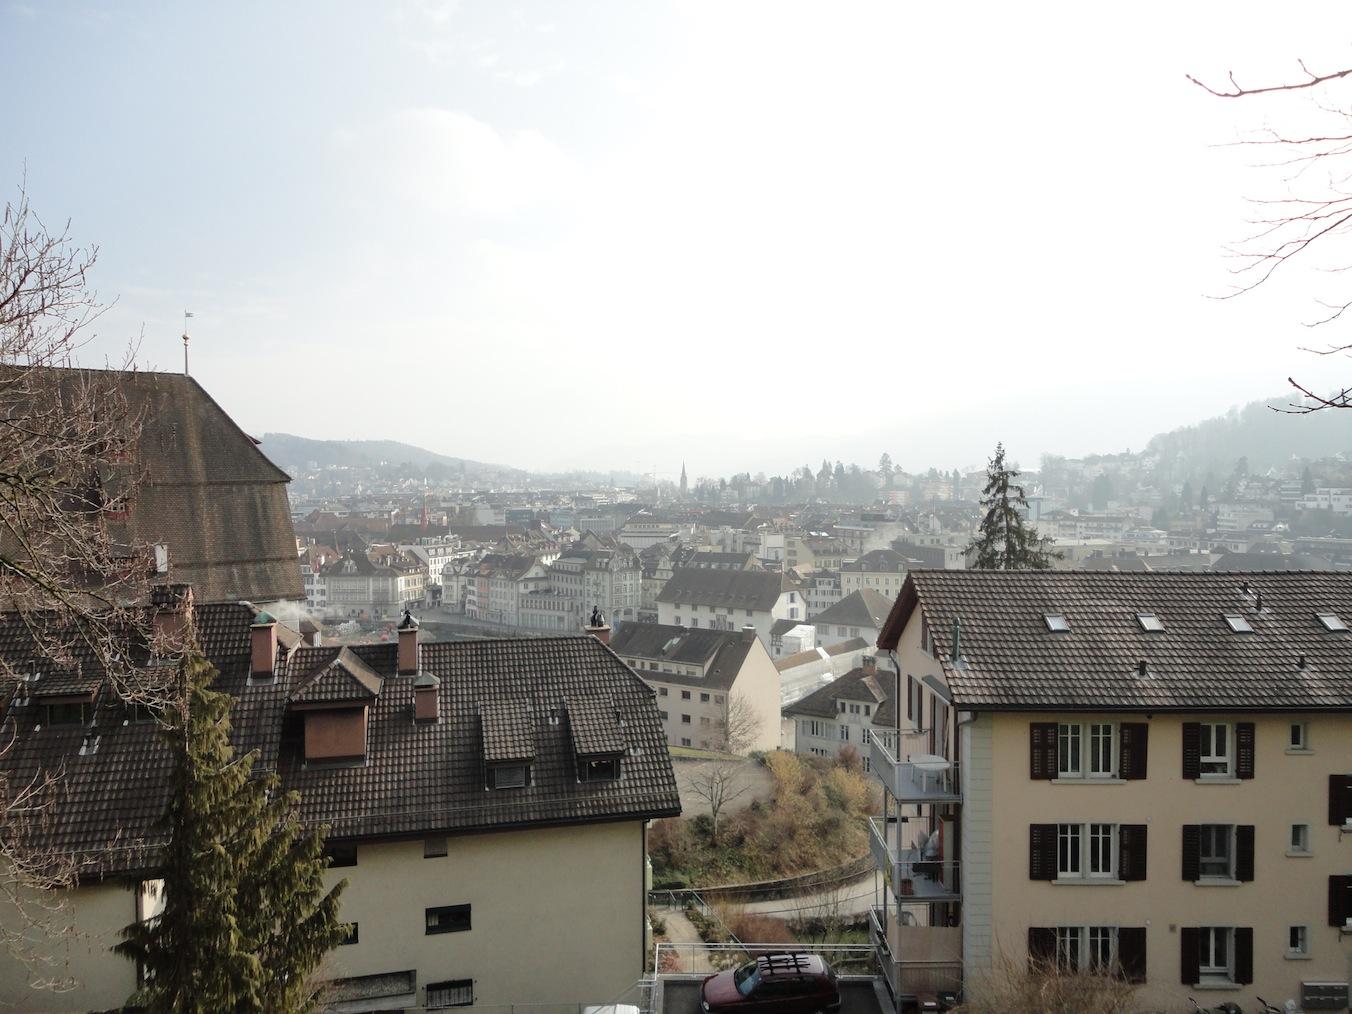 Luzern von oben: Reuss, Kasernenplatz, Obergrund